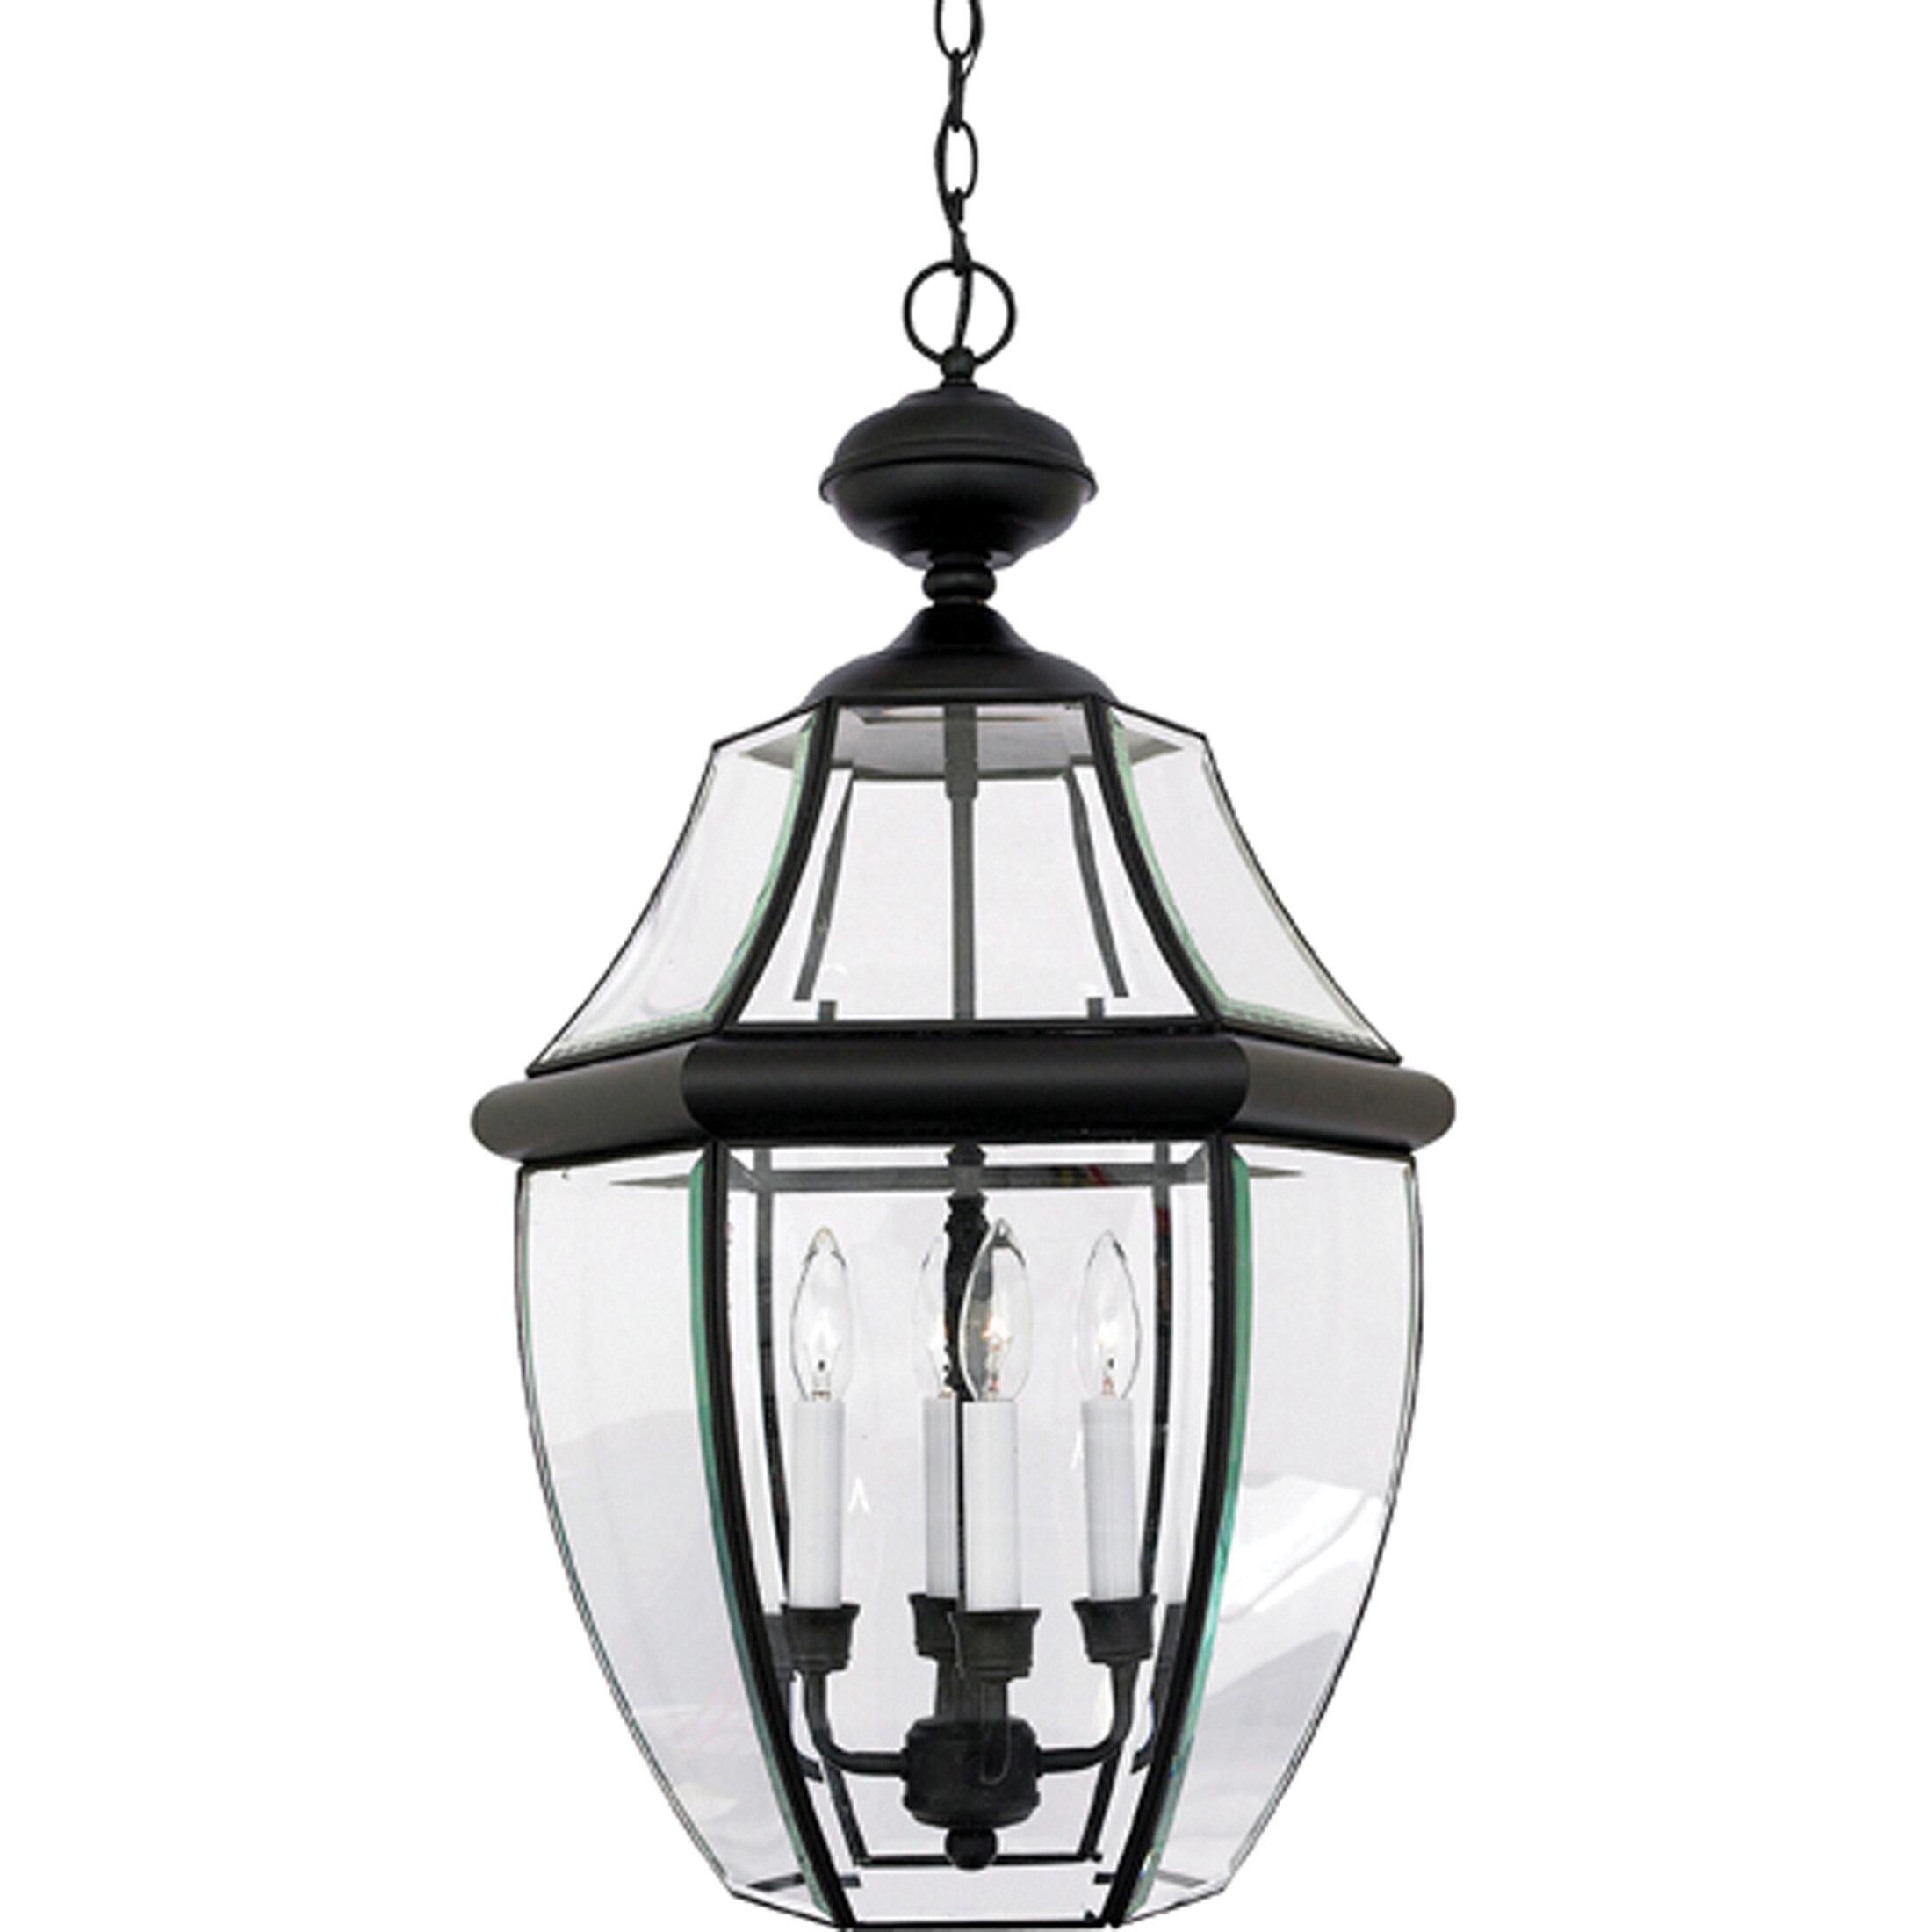 Three posts mellen 4 light outdoor hanging lantern reviews wayfair